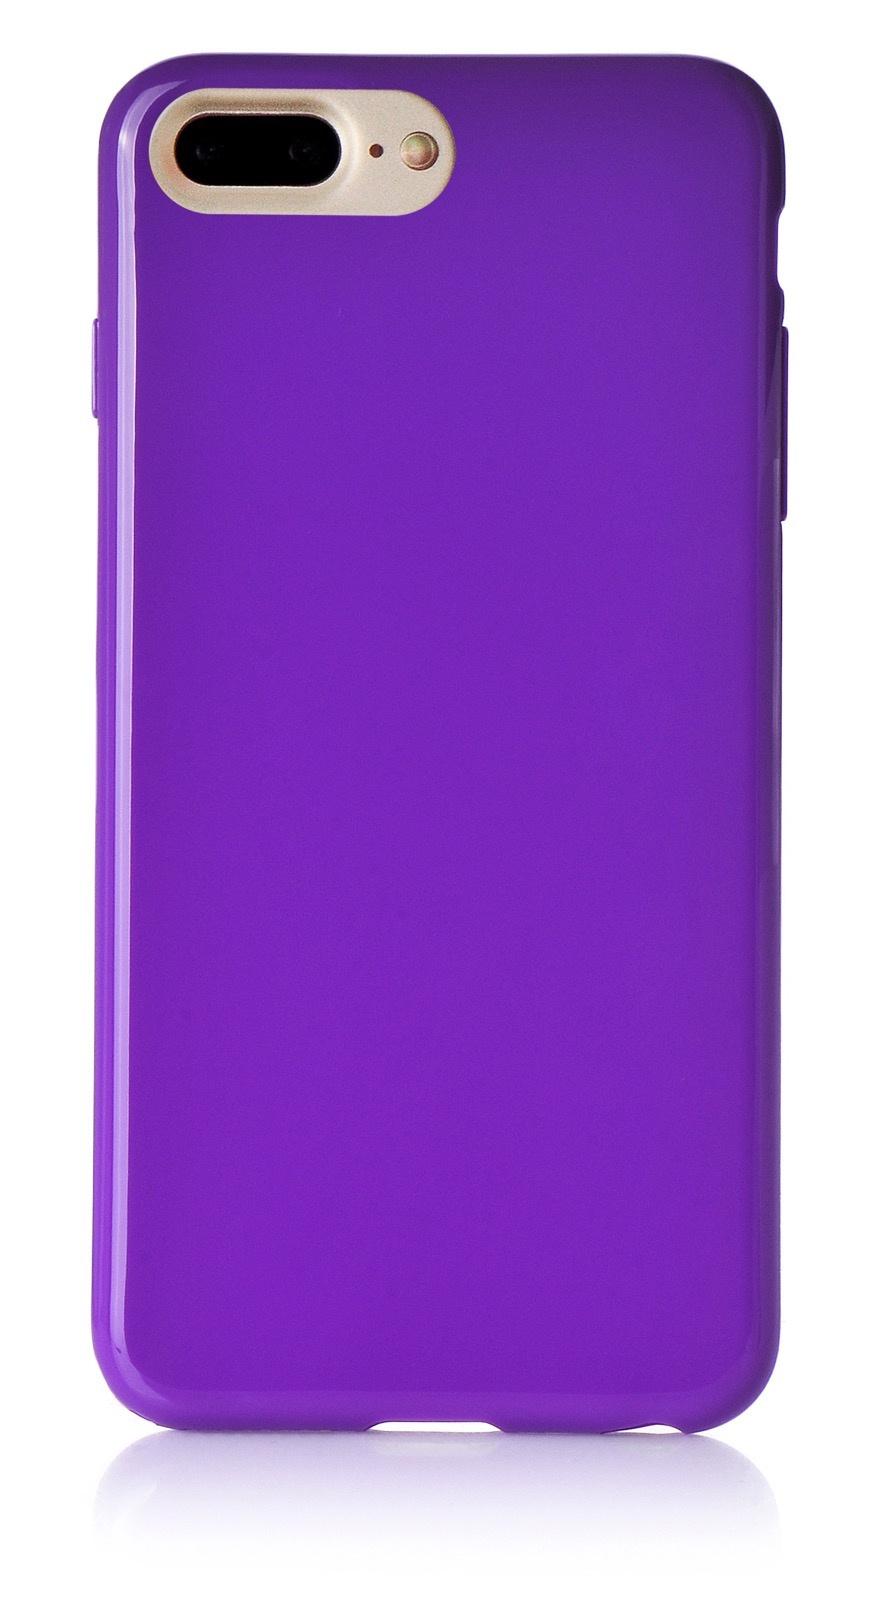 """Чехол для сотового телефона iNeez накладка силикон мыльница 901417 для Apple Iphone 7 Plus/8 Plus 5.5"""", фиолетовый"""